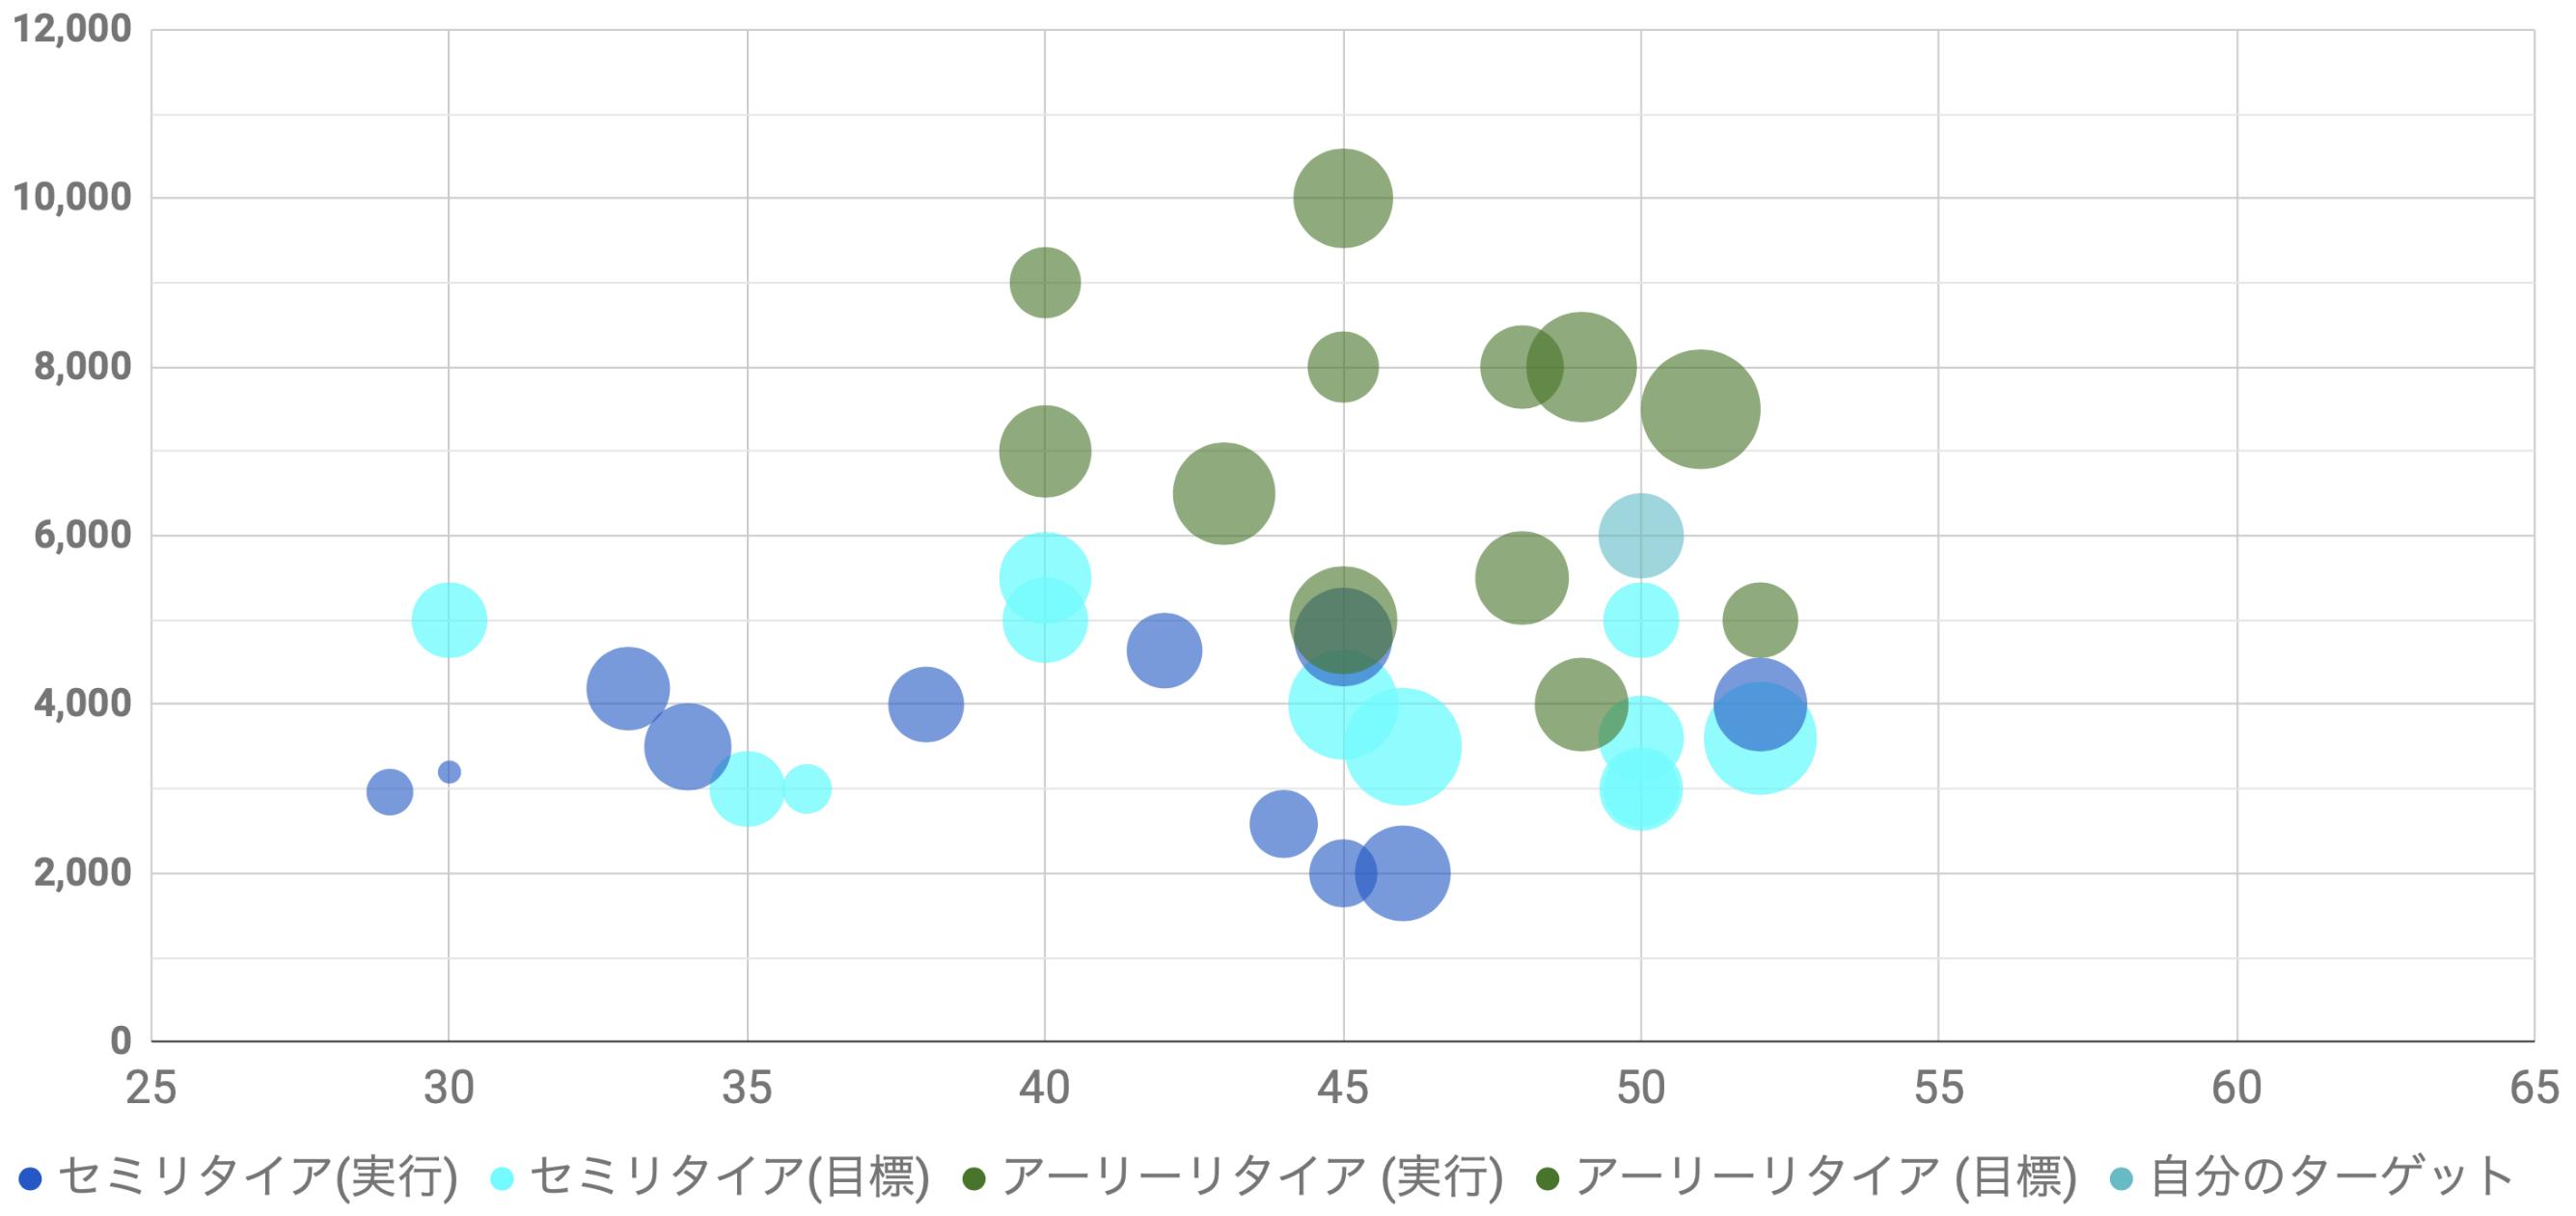 リタイアブログ分析 2019年資金バブルチャート